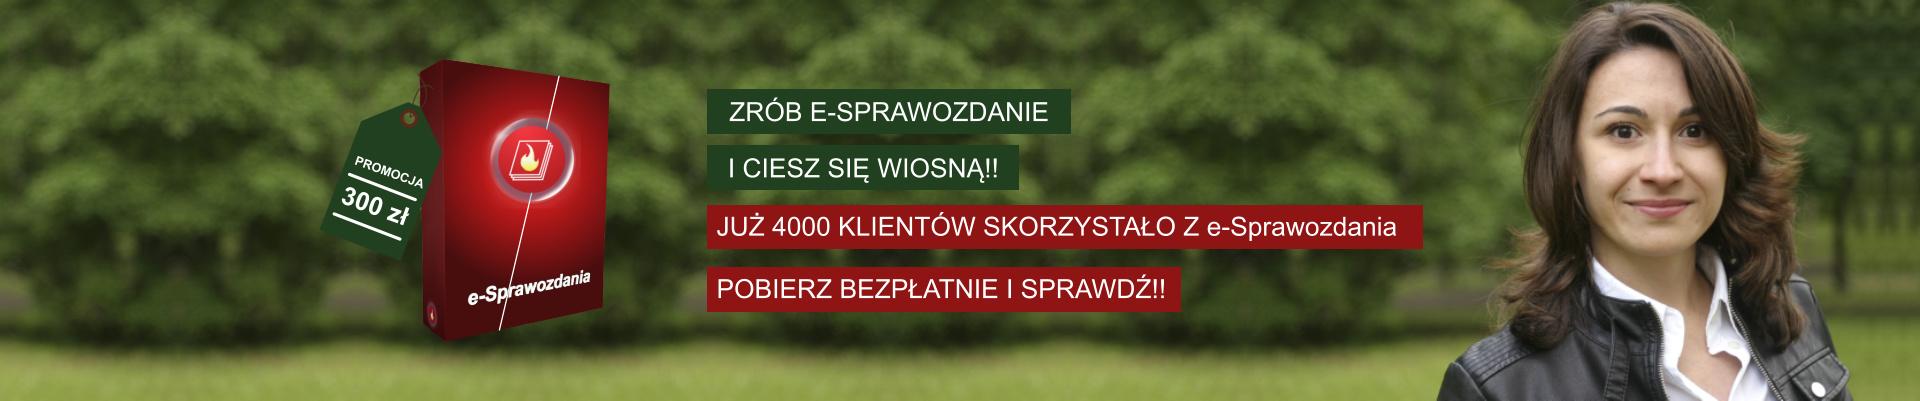 e_sprawozdanie_wiosna